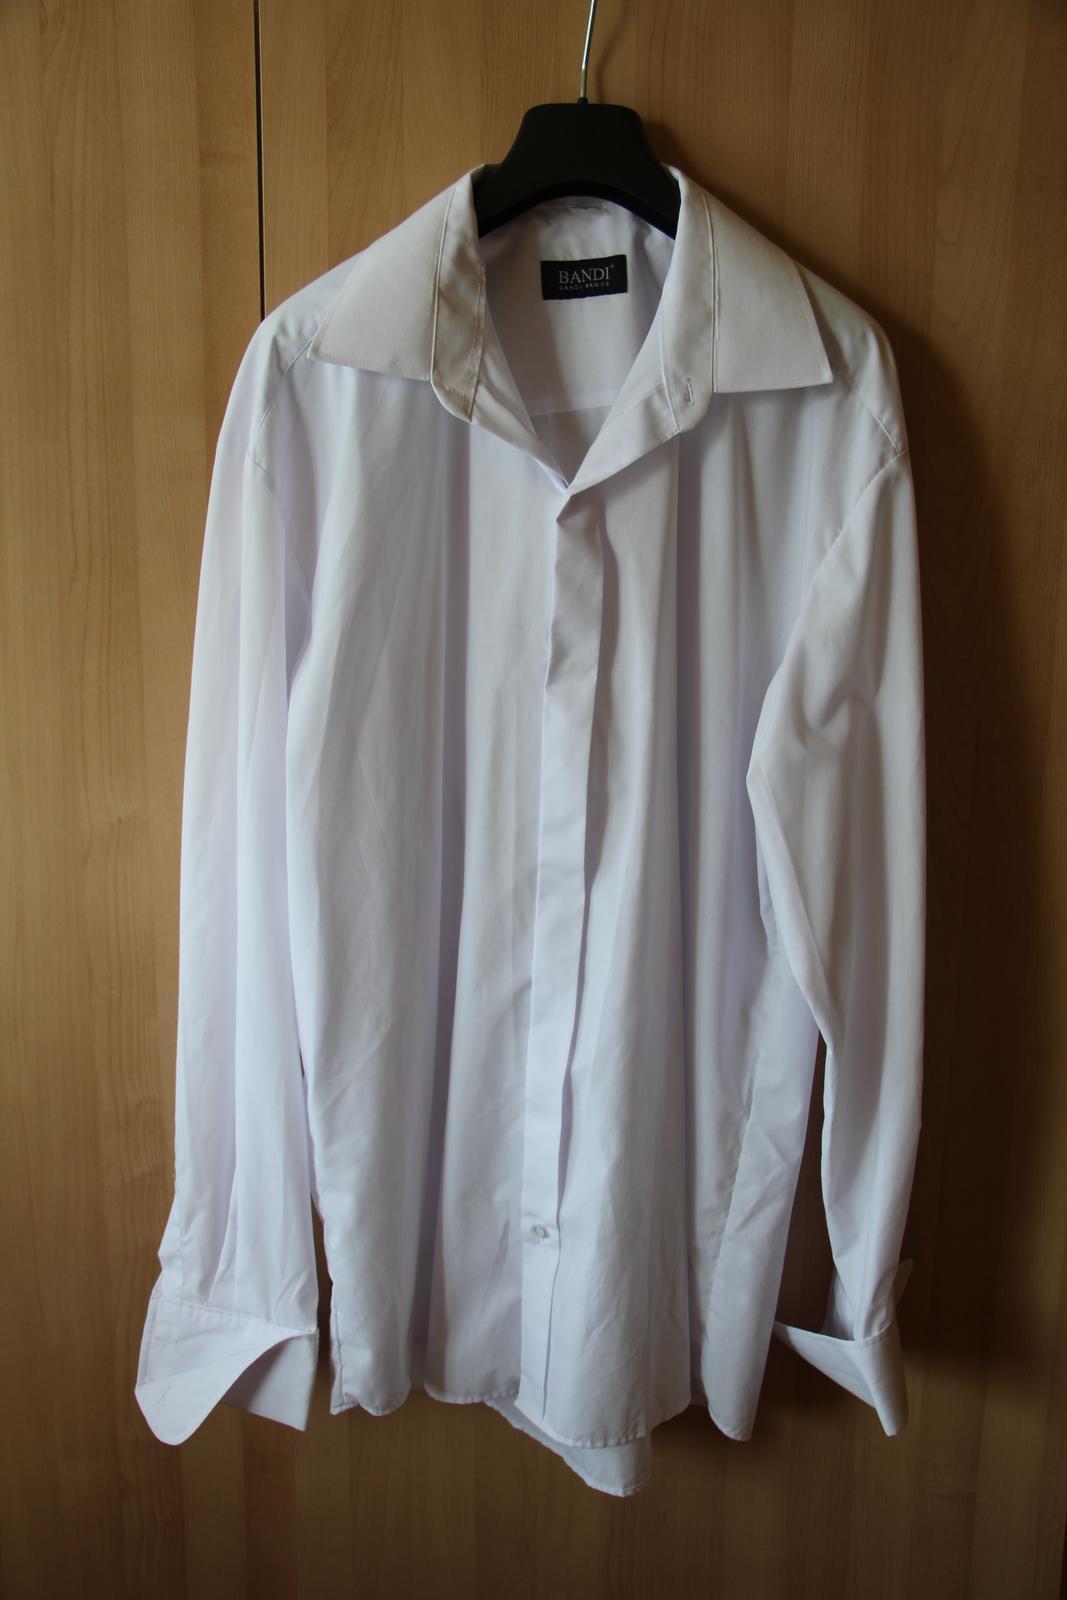 Pánská společenská košile bandi vamos cc89d2b13f